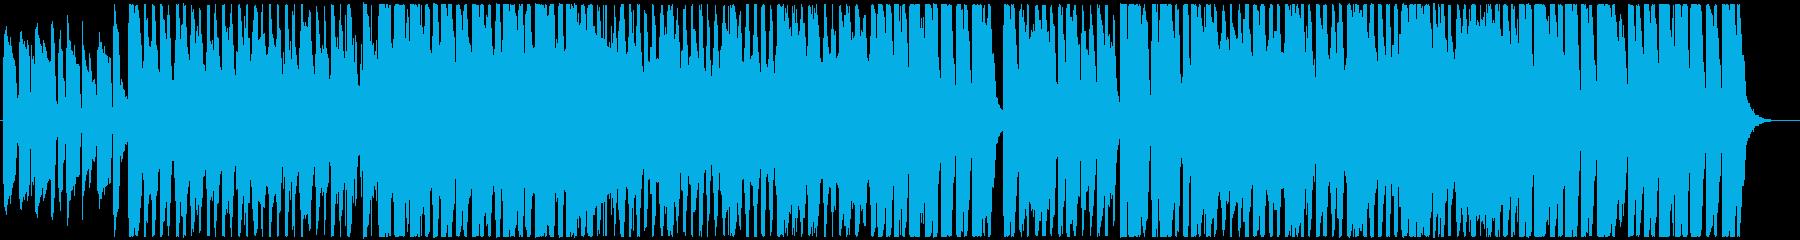 ポップで楽しい「もろびとこぞりて」♪の再生済みの波形